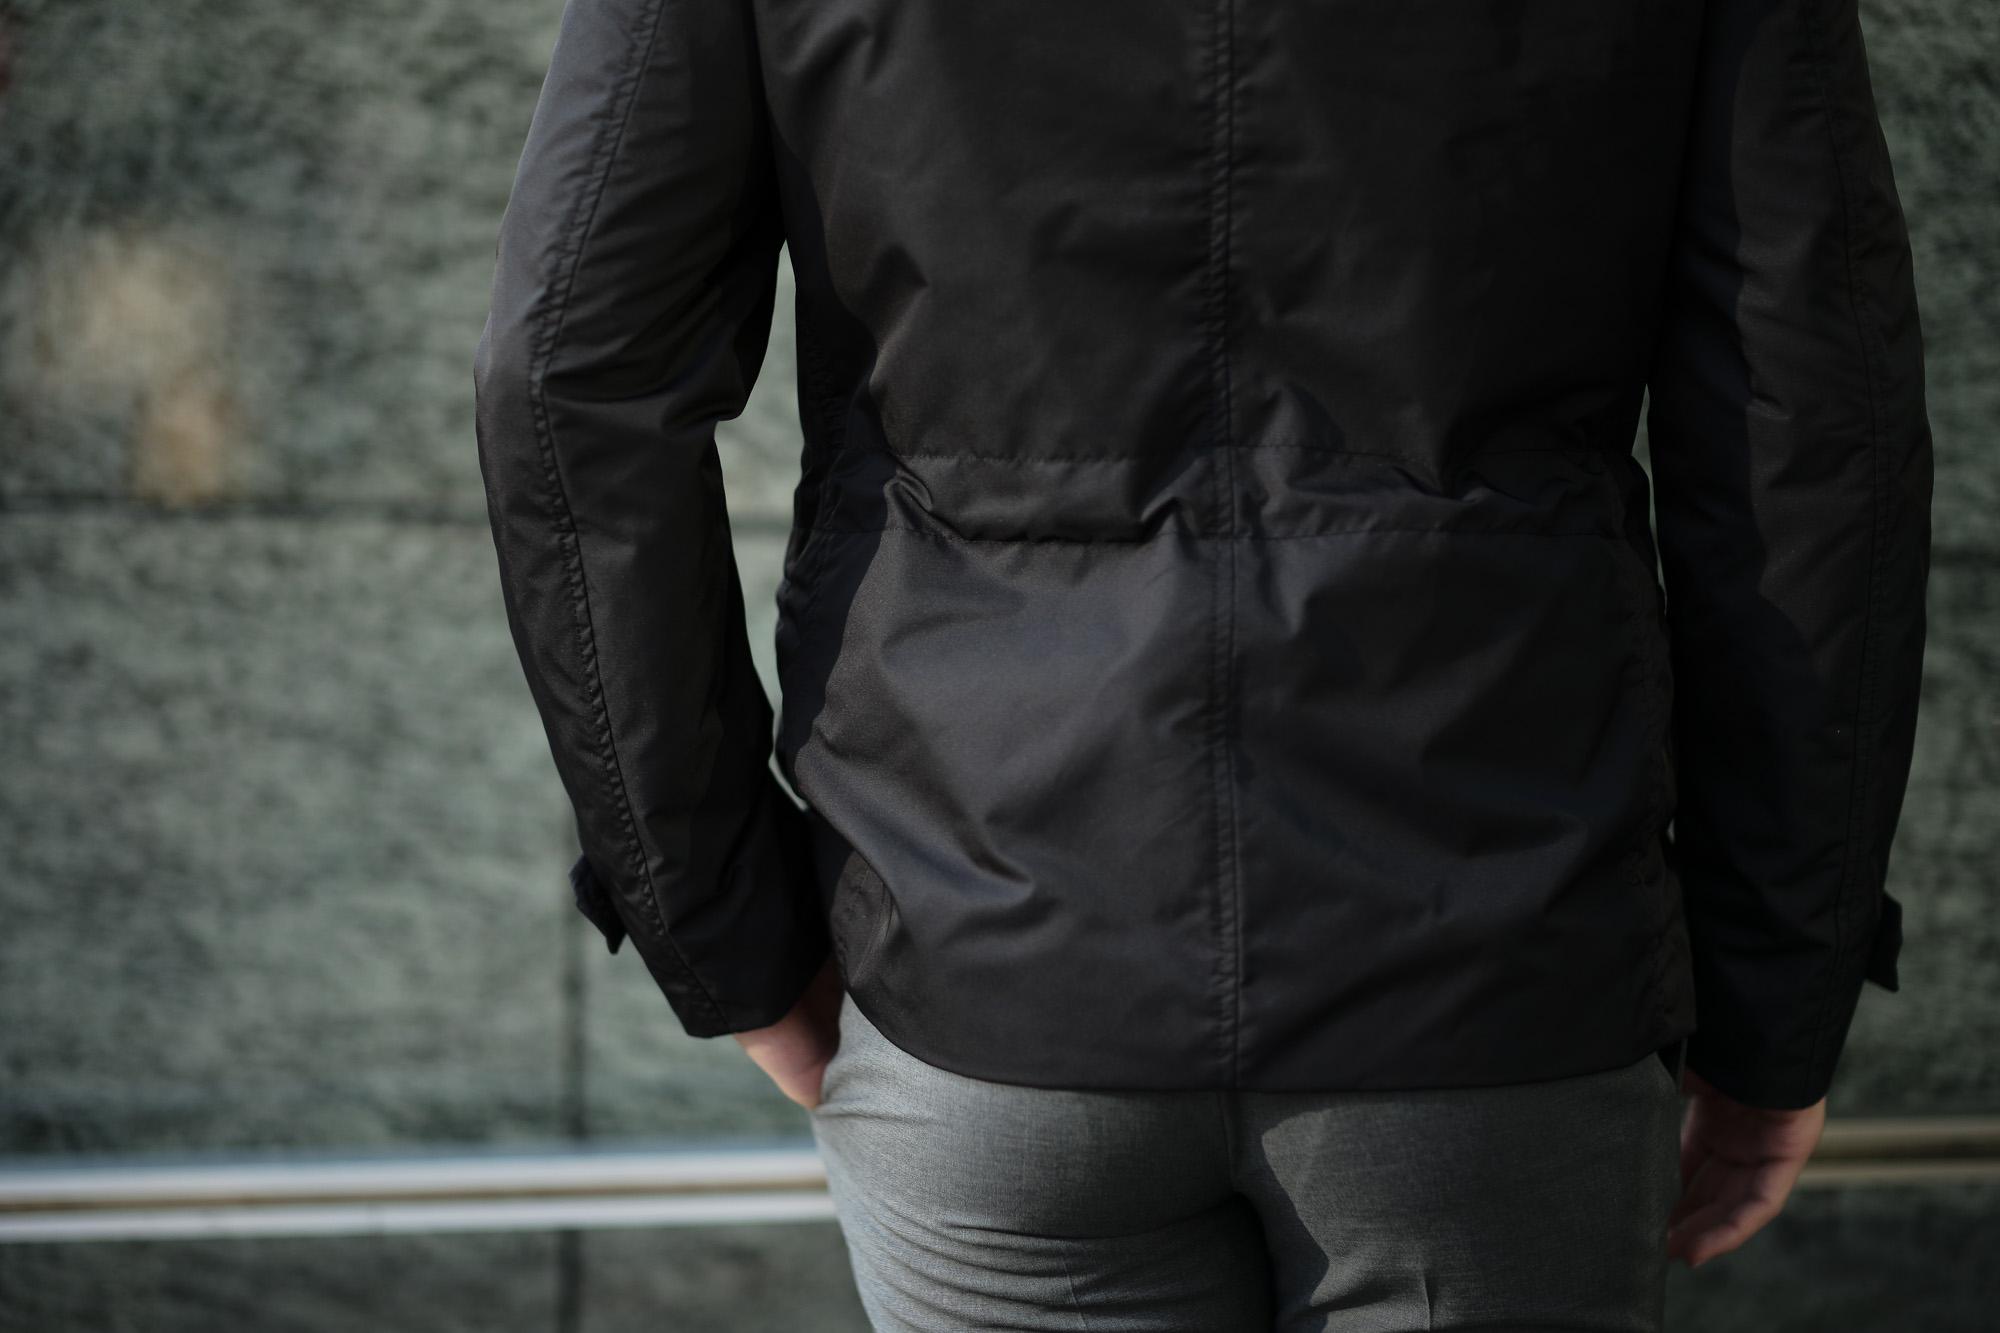 MOORER (ムーレー) NABUCCO-KM (ナブッコ) ダブルブレスト スタンドカラー ナイロン ジャケット NERO (ブラック) Made in italy (イタリア製) 2019 春夏新作 愛知 名古屋 alto e diritto アルトエデリット